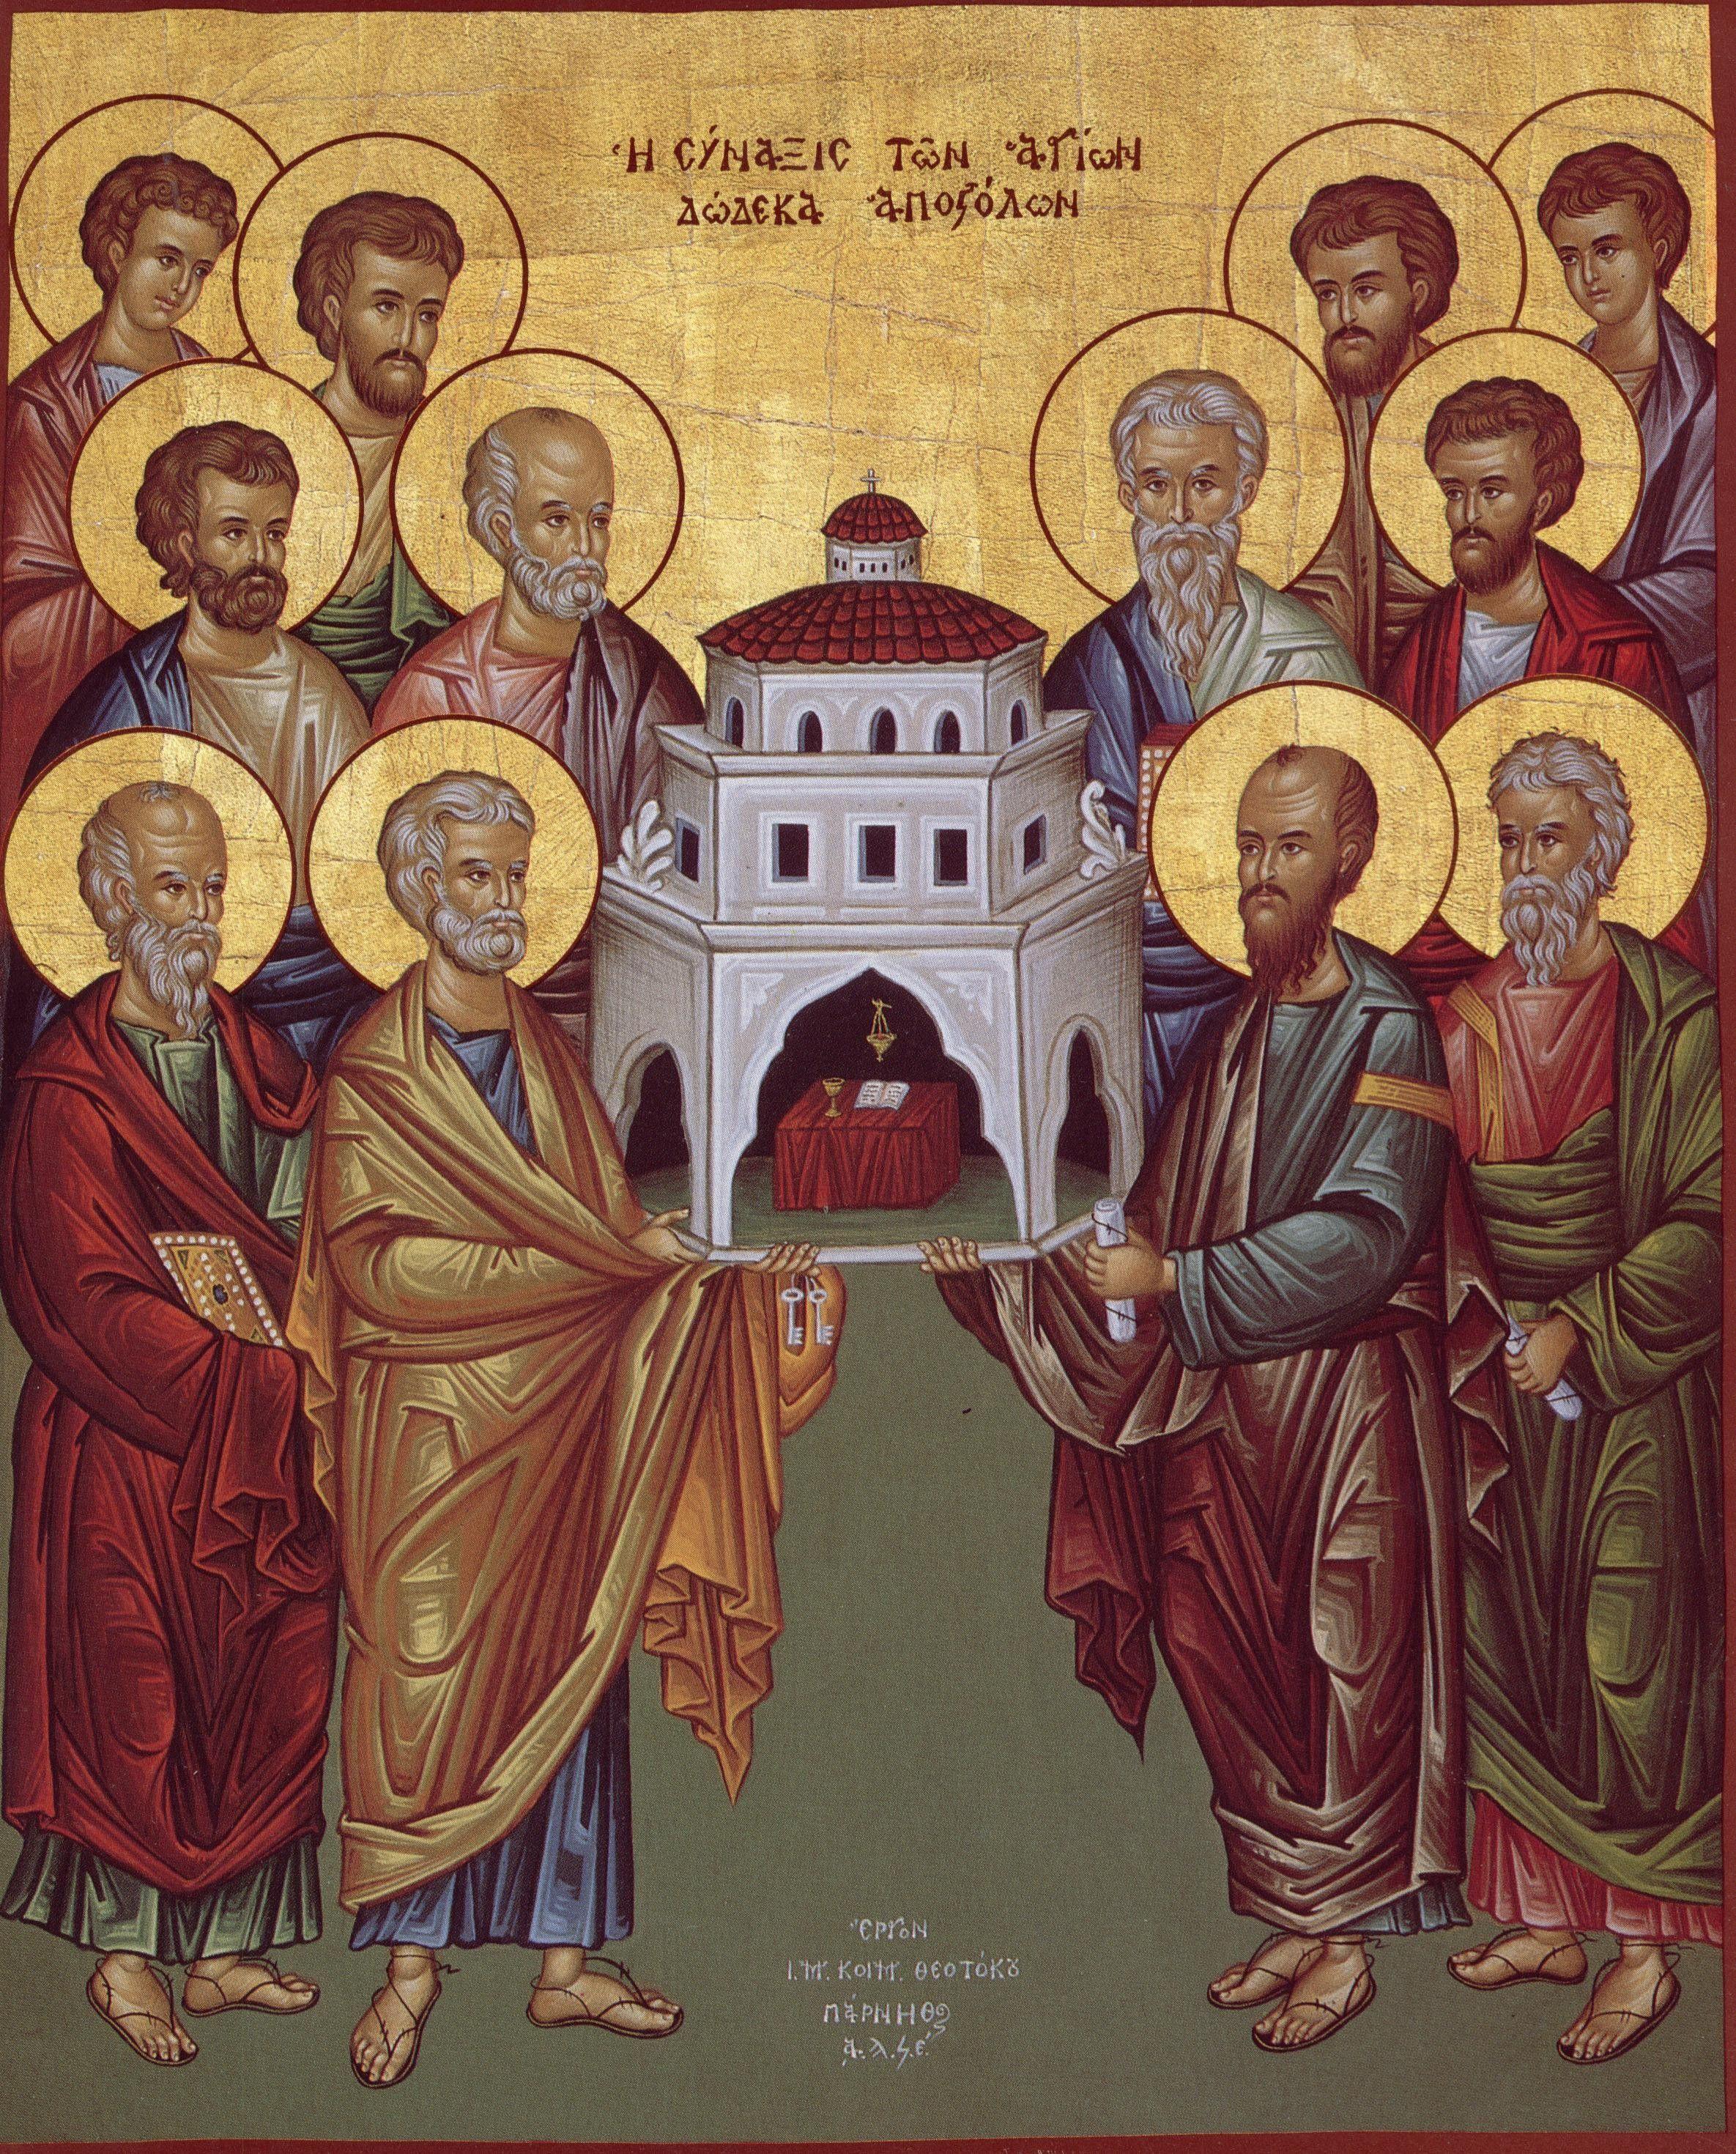 Храмовая икона Собора двенадцати апостолов